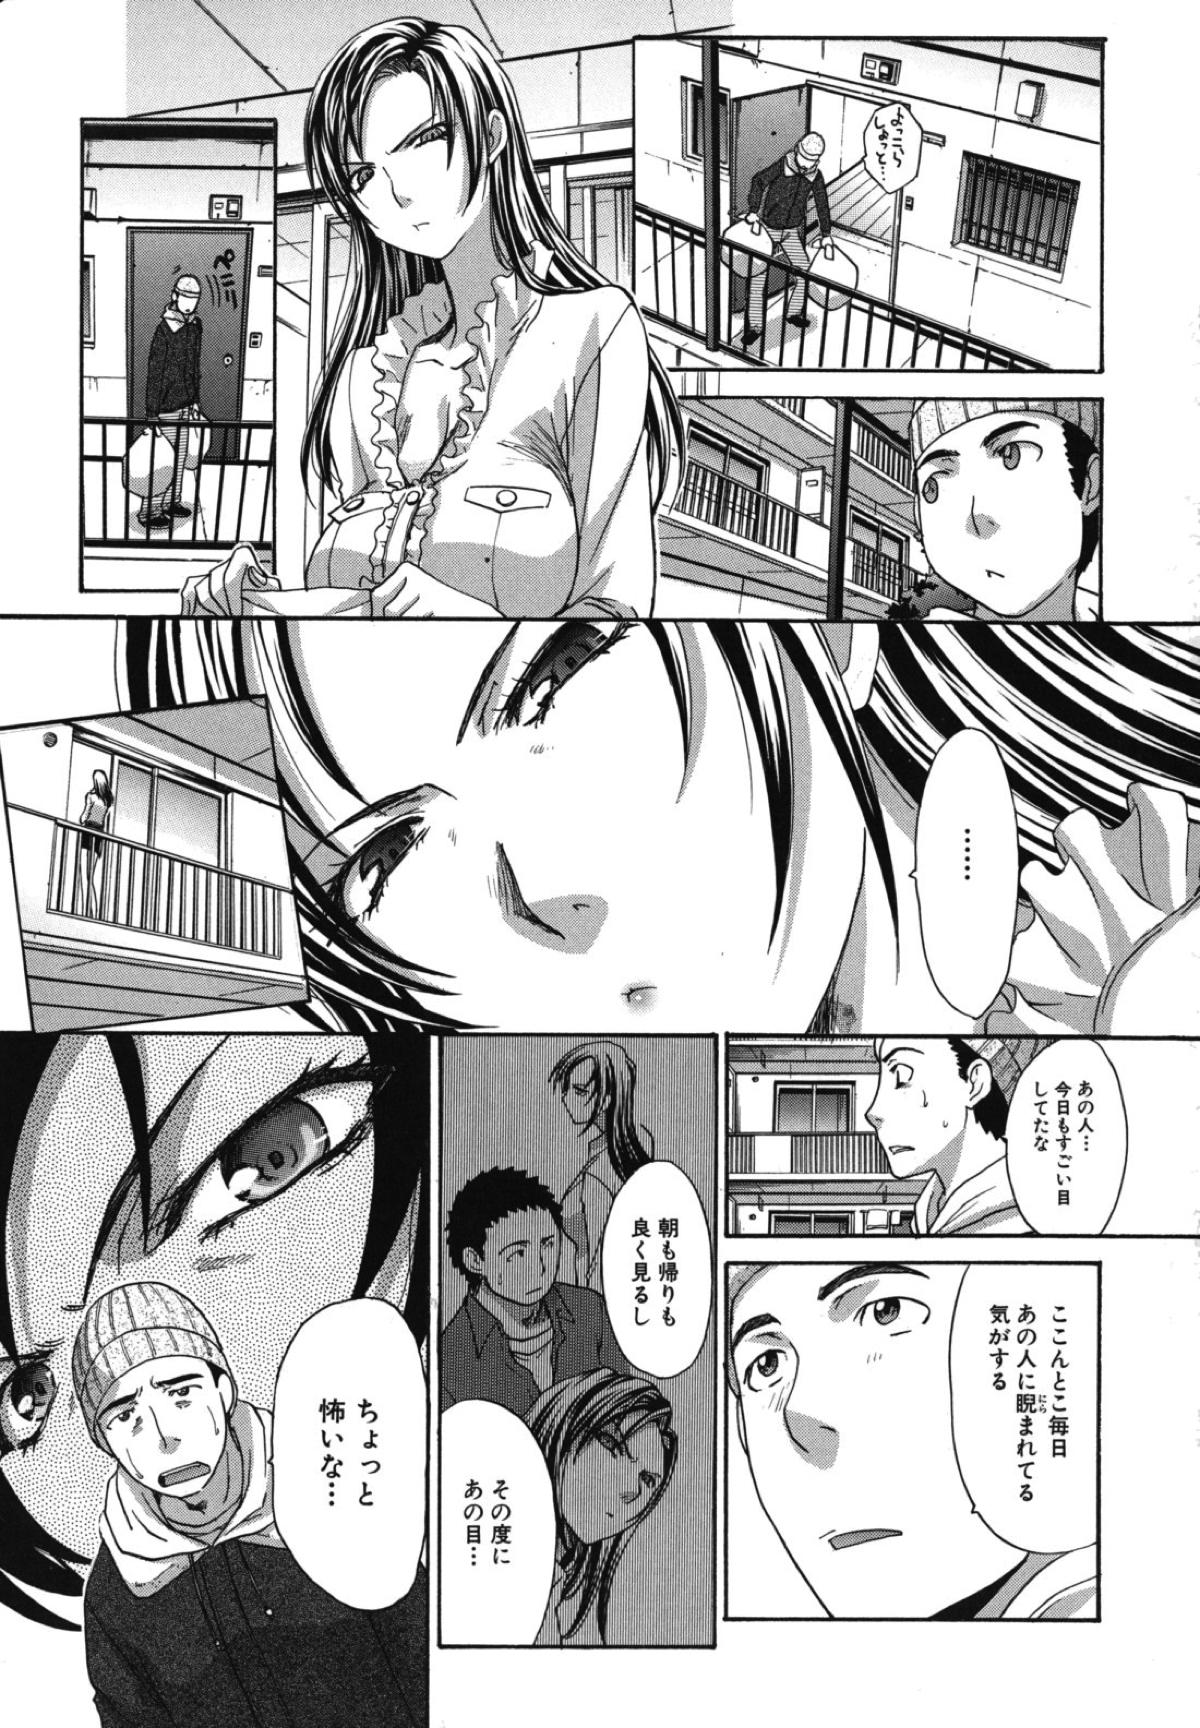 【エロ漫画】不愛想で目つきの悪い女性と目が合っていたら話すようになり、性癖を刺激してきたからセックスするwww